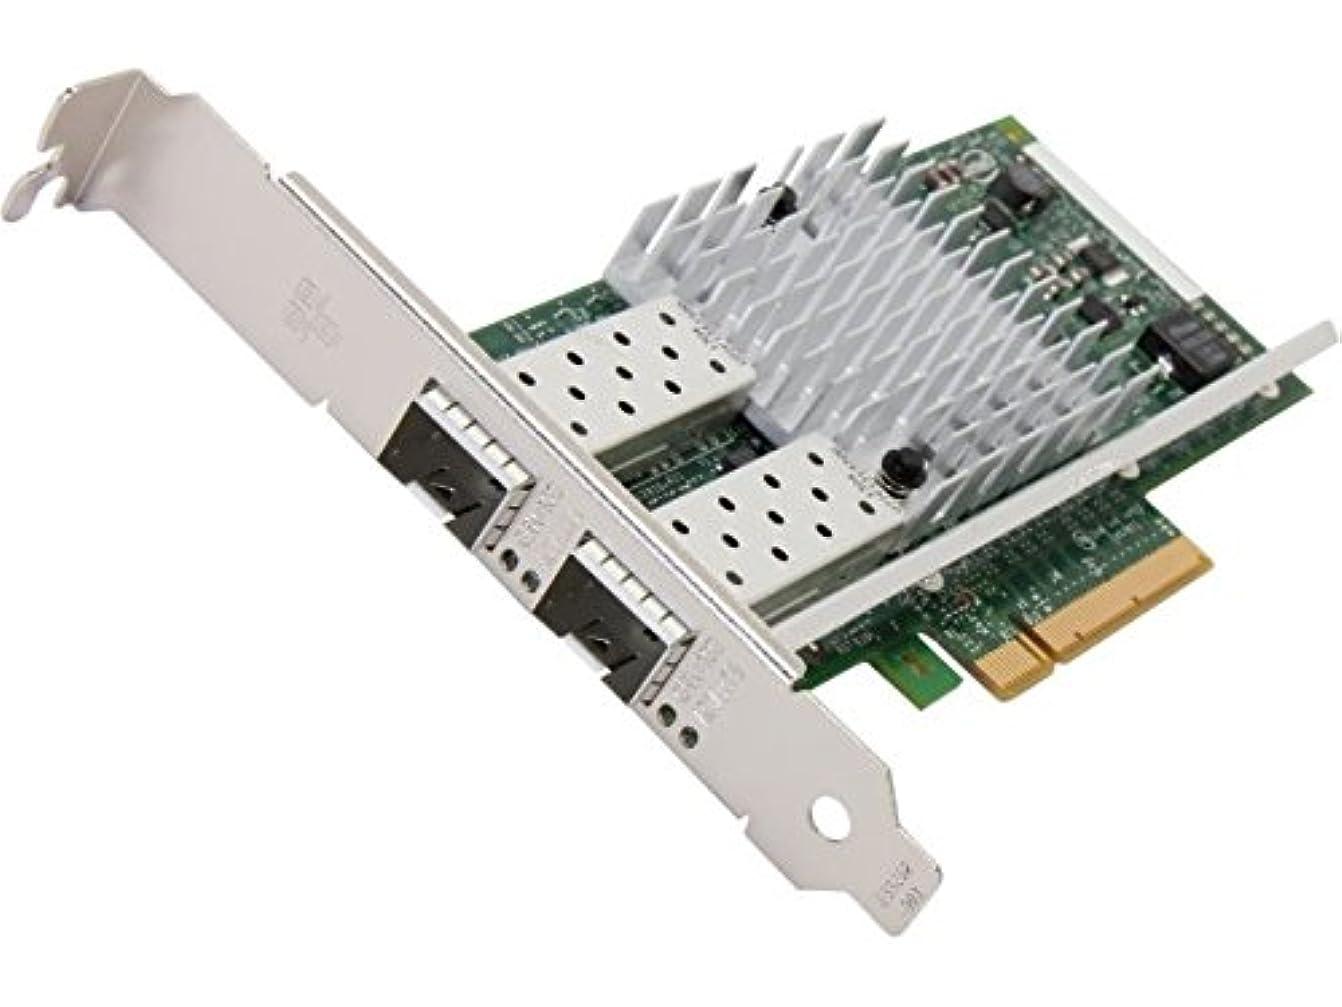 大学生心から登山家インテル X520-SR2 デュアルポート MMF 10 Gigabit Ethernet Server Adapter E10G42BFSR